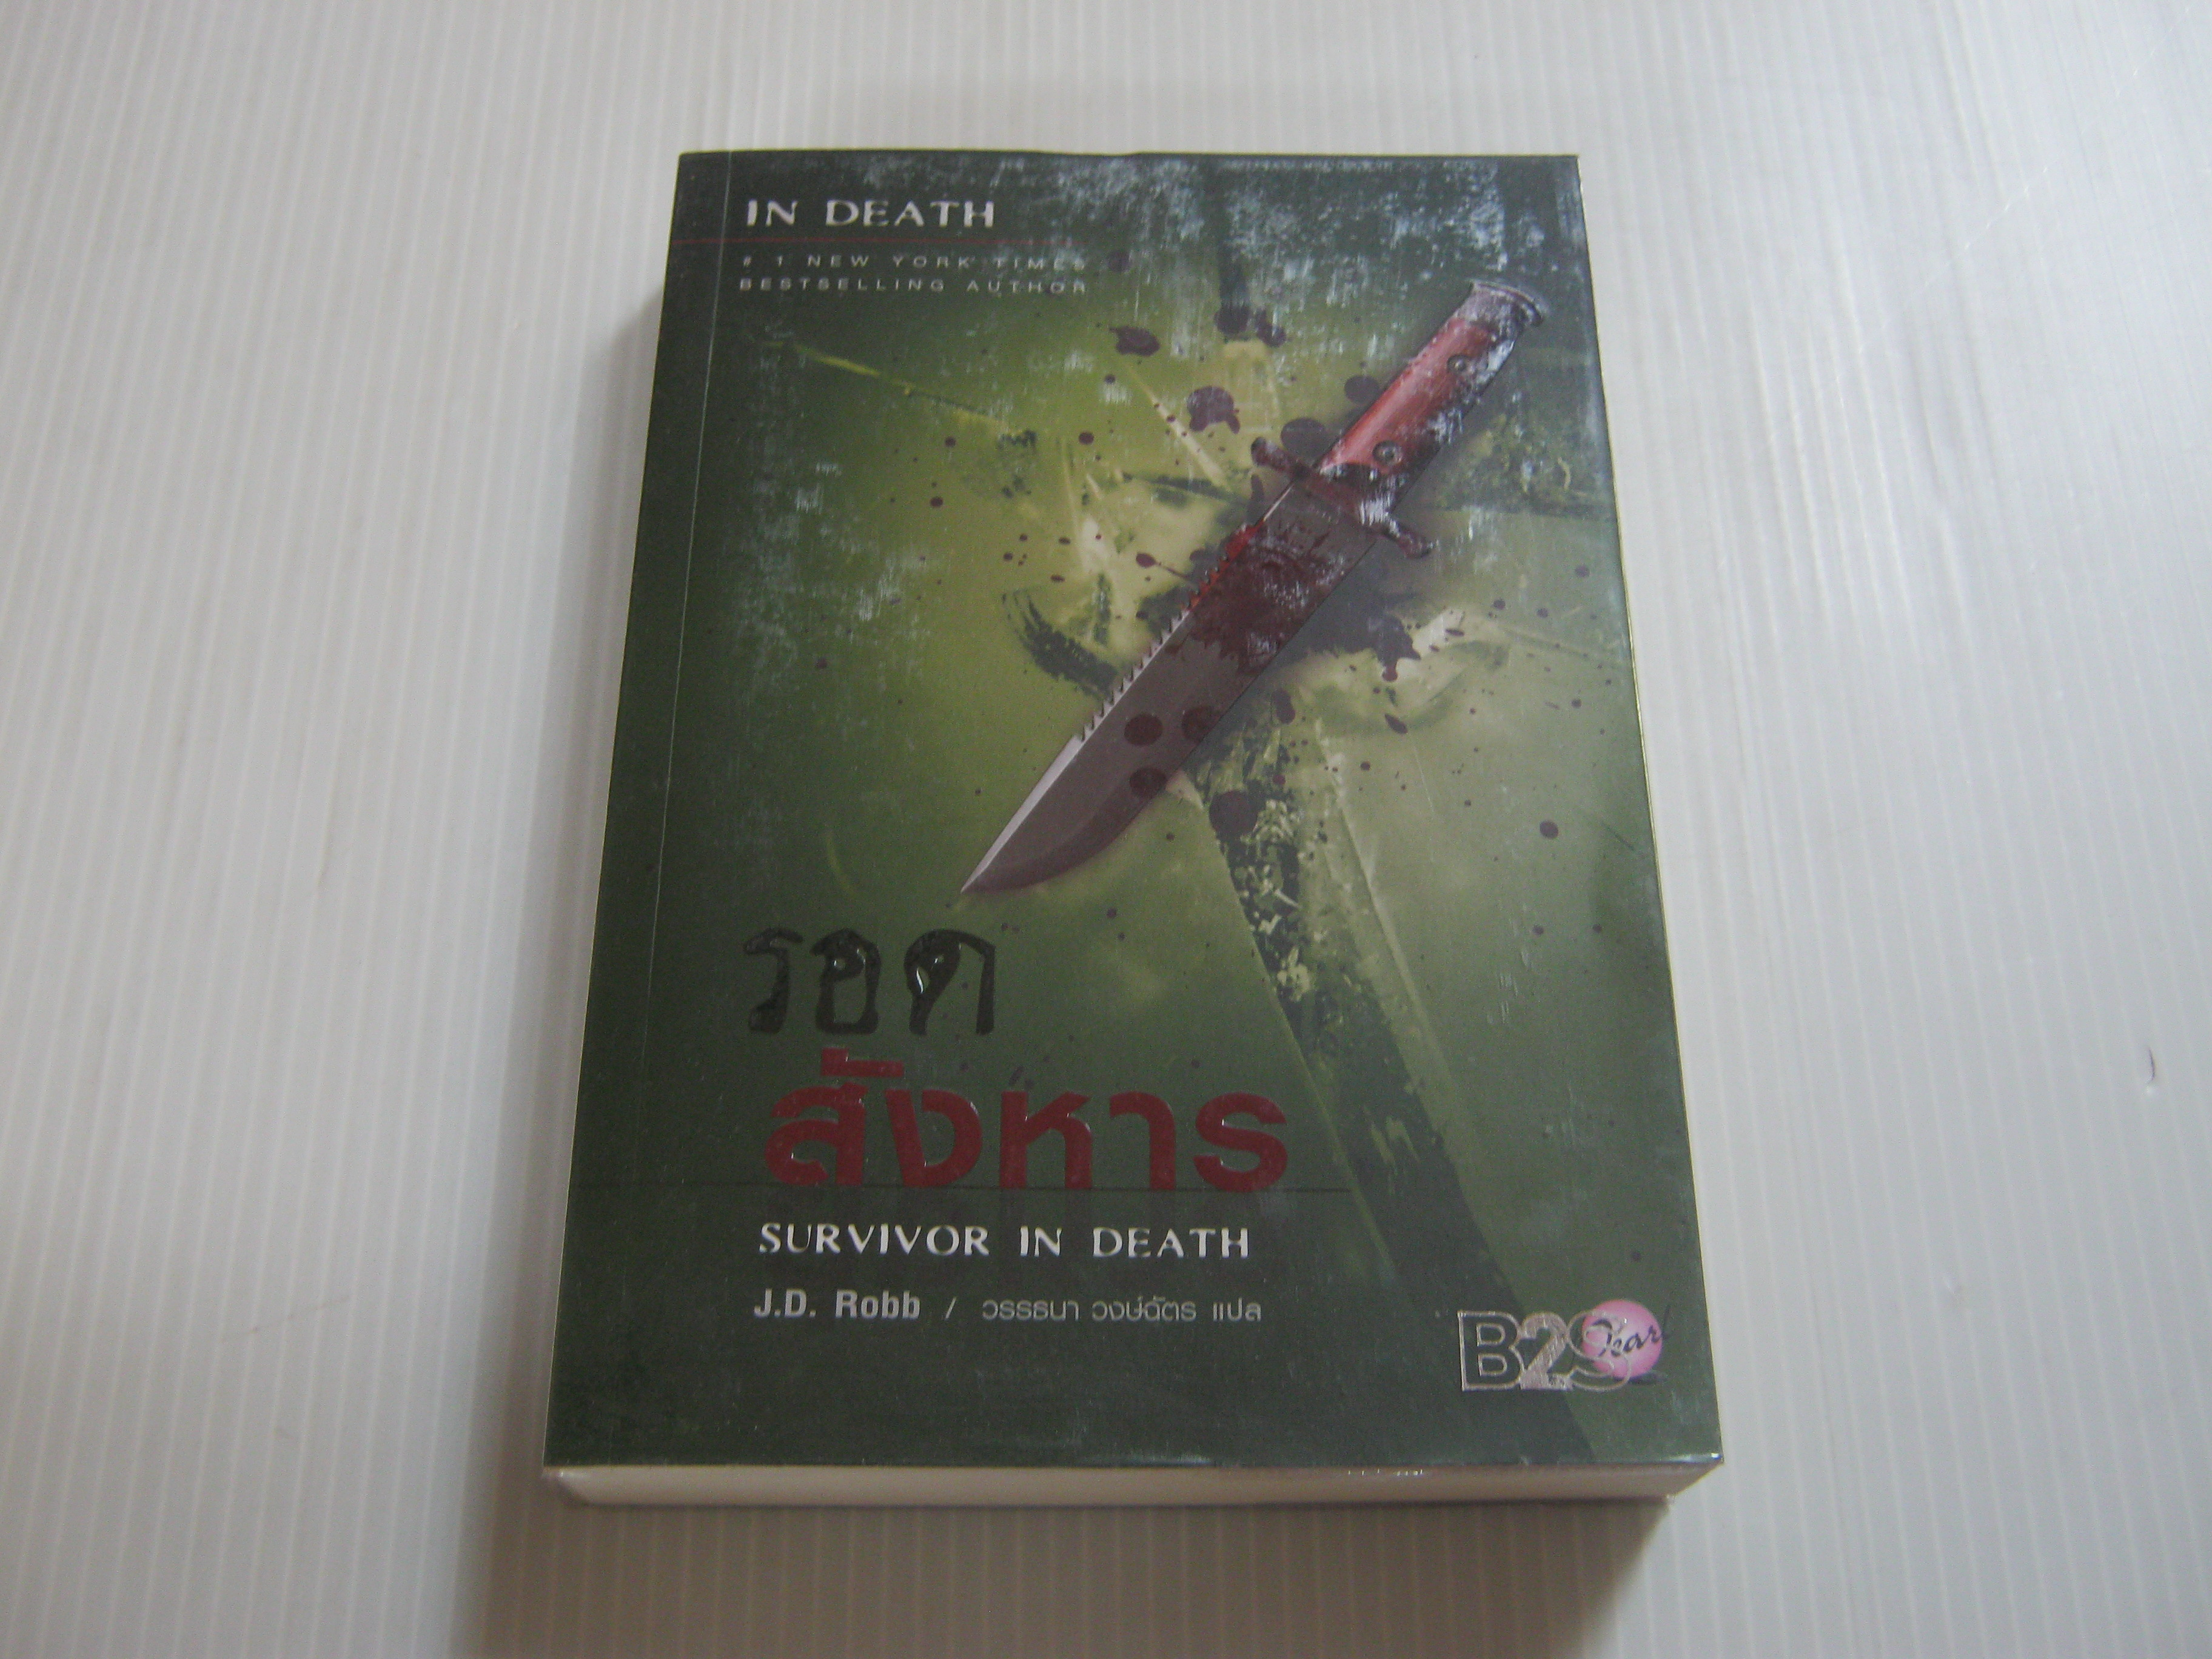 รอดสังหาร (Survivor in Death) J.d. Robb เขียน วรรธนา วงษ์ฉัตร แปล